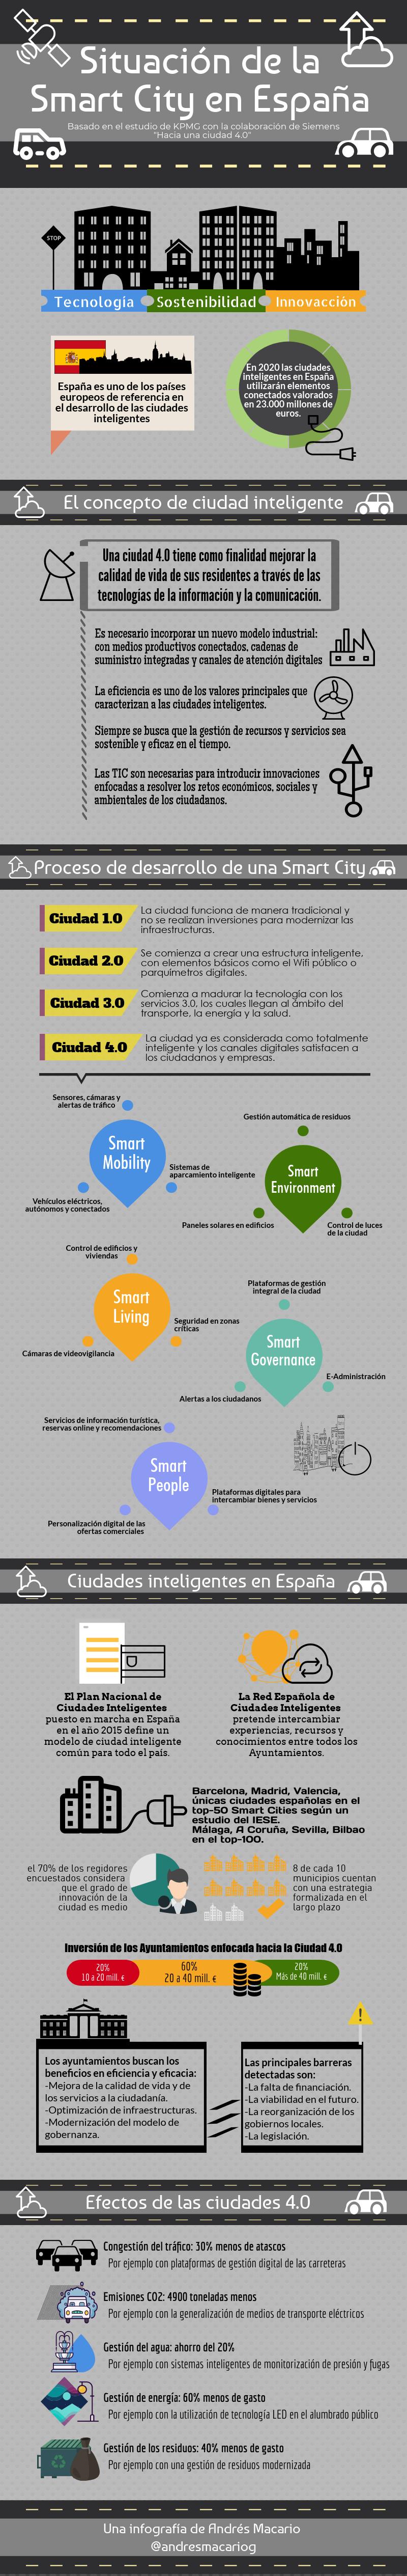 Situación de la Smart City en España - Infografía Andrés Macario